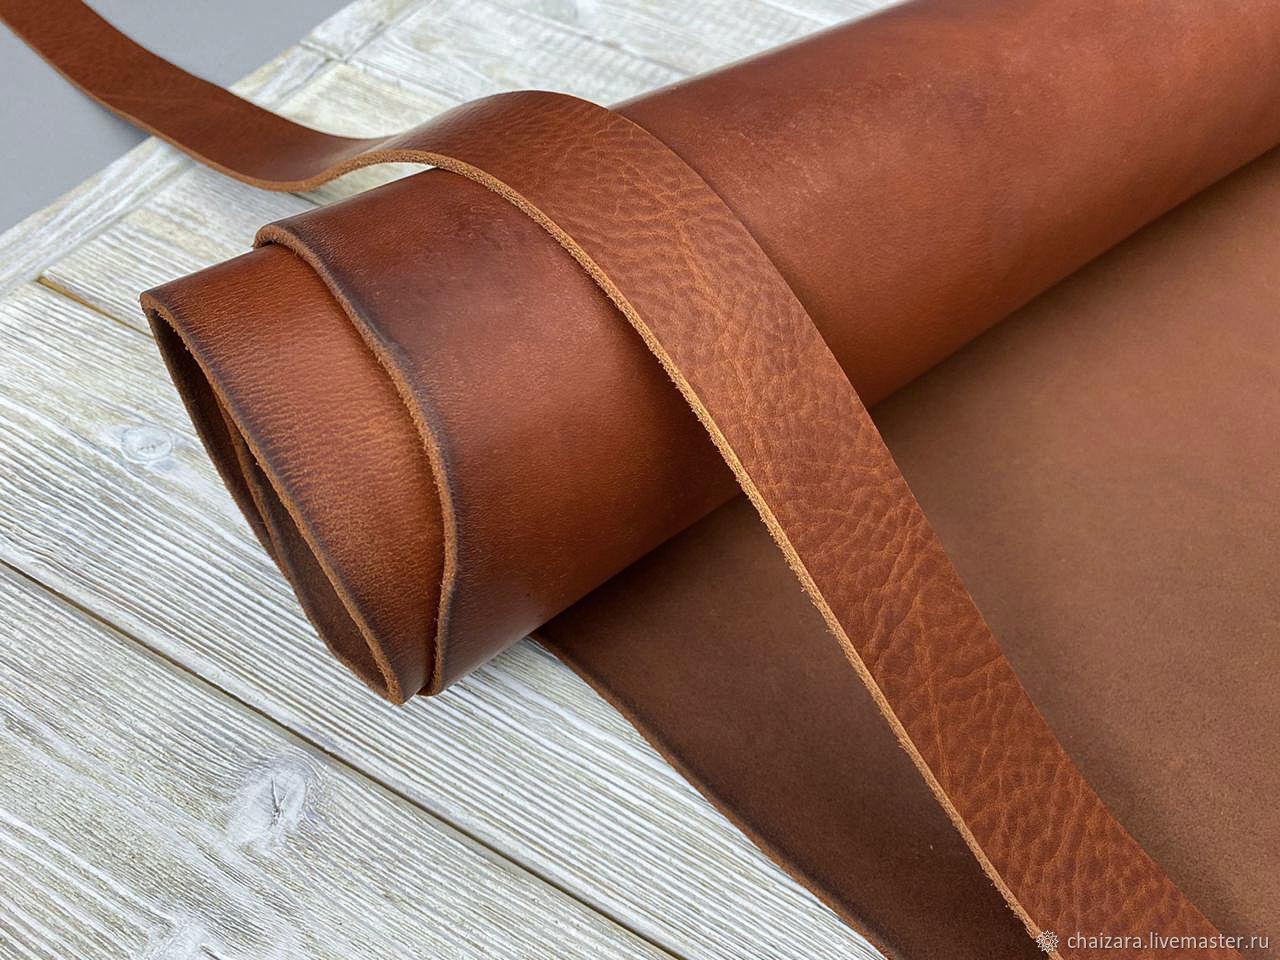 Ременная кожа 3.6-3.8 мм Missouri MS2, Кожа, Оренбург,  Фото №1